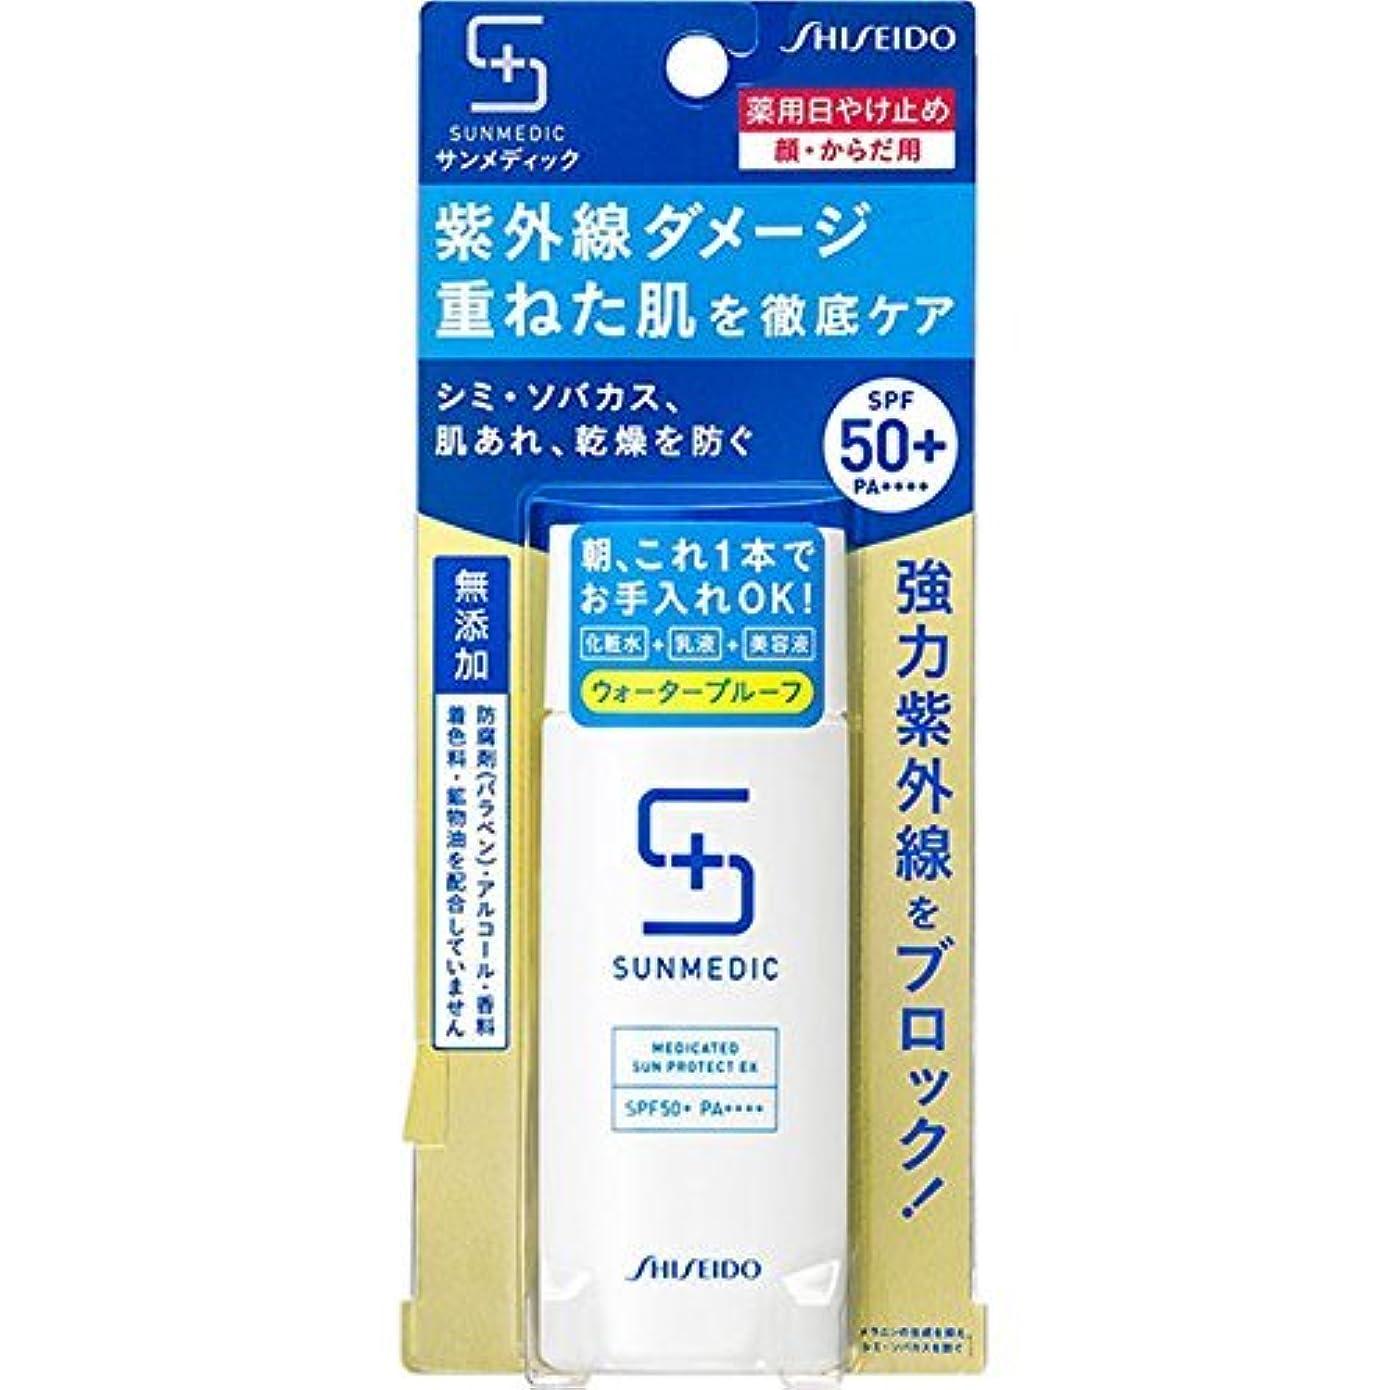 かき混ぜるムスタチオ一部MK サンメディックUV 薬用サンプロテクトEX 50mL (医薬部外品)